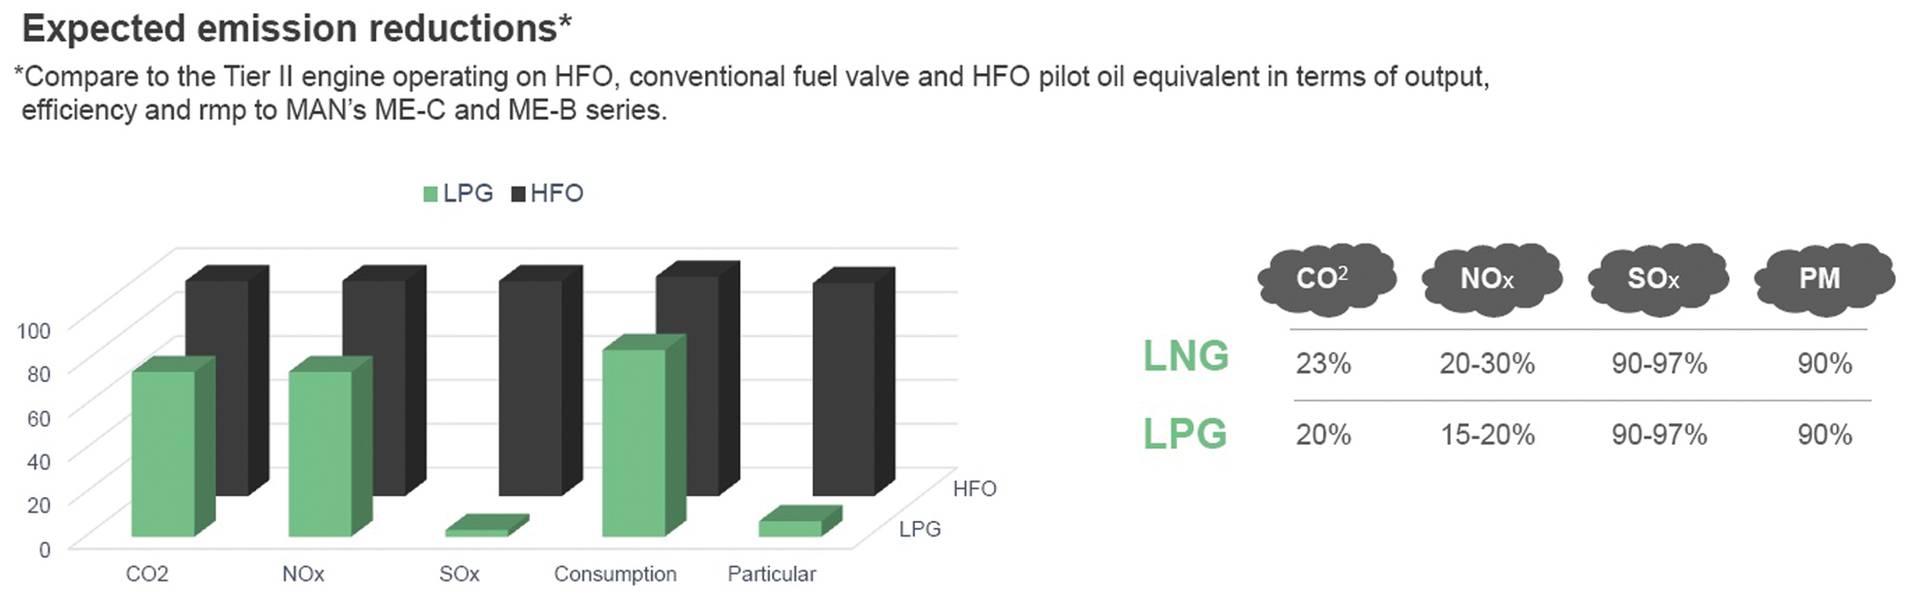 خفض الانبعاثات المتوقع لمحرك غاز البترول المسال. الصور: © MAN ES